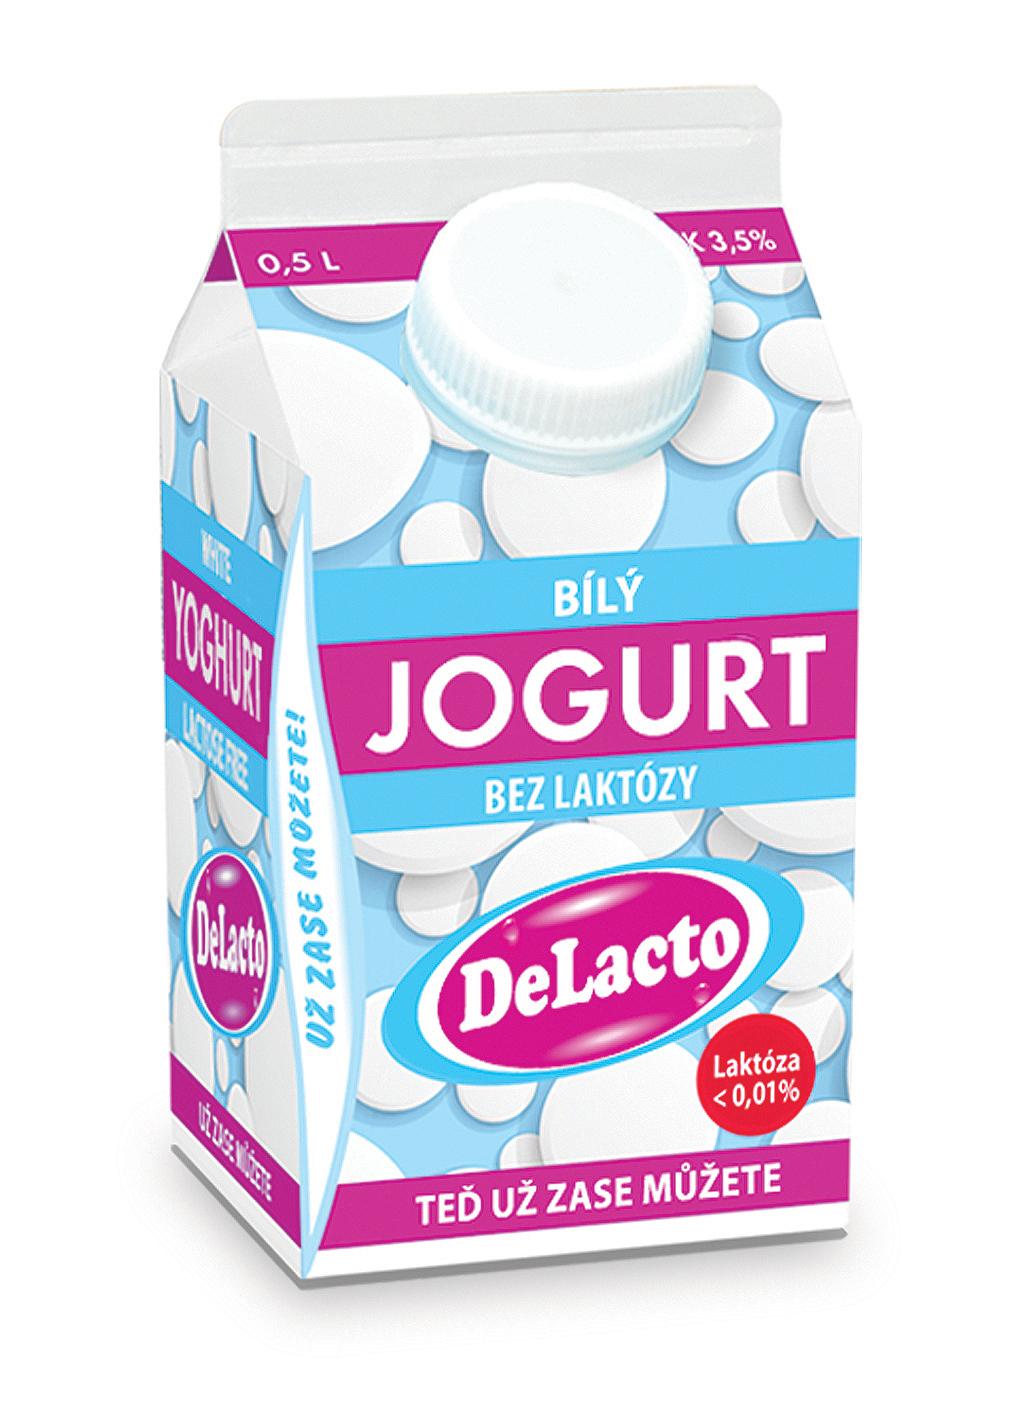 JIMA-SPOL představuje novou řadu produktů, nechybí bezlaktózový sýr ani tvaroh